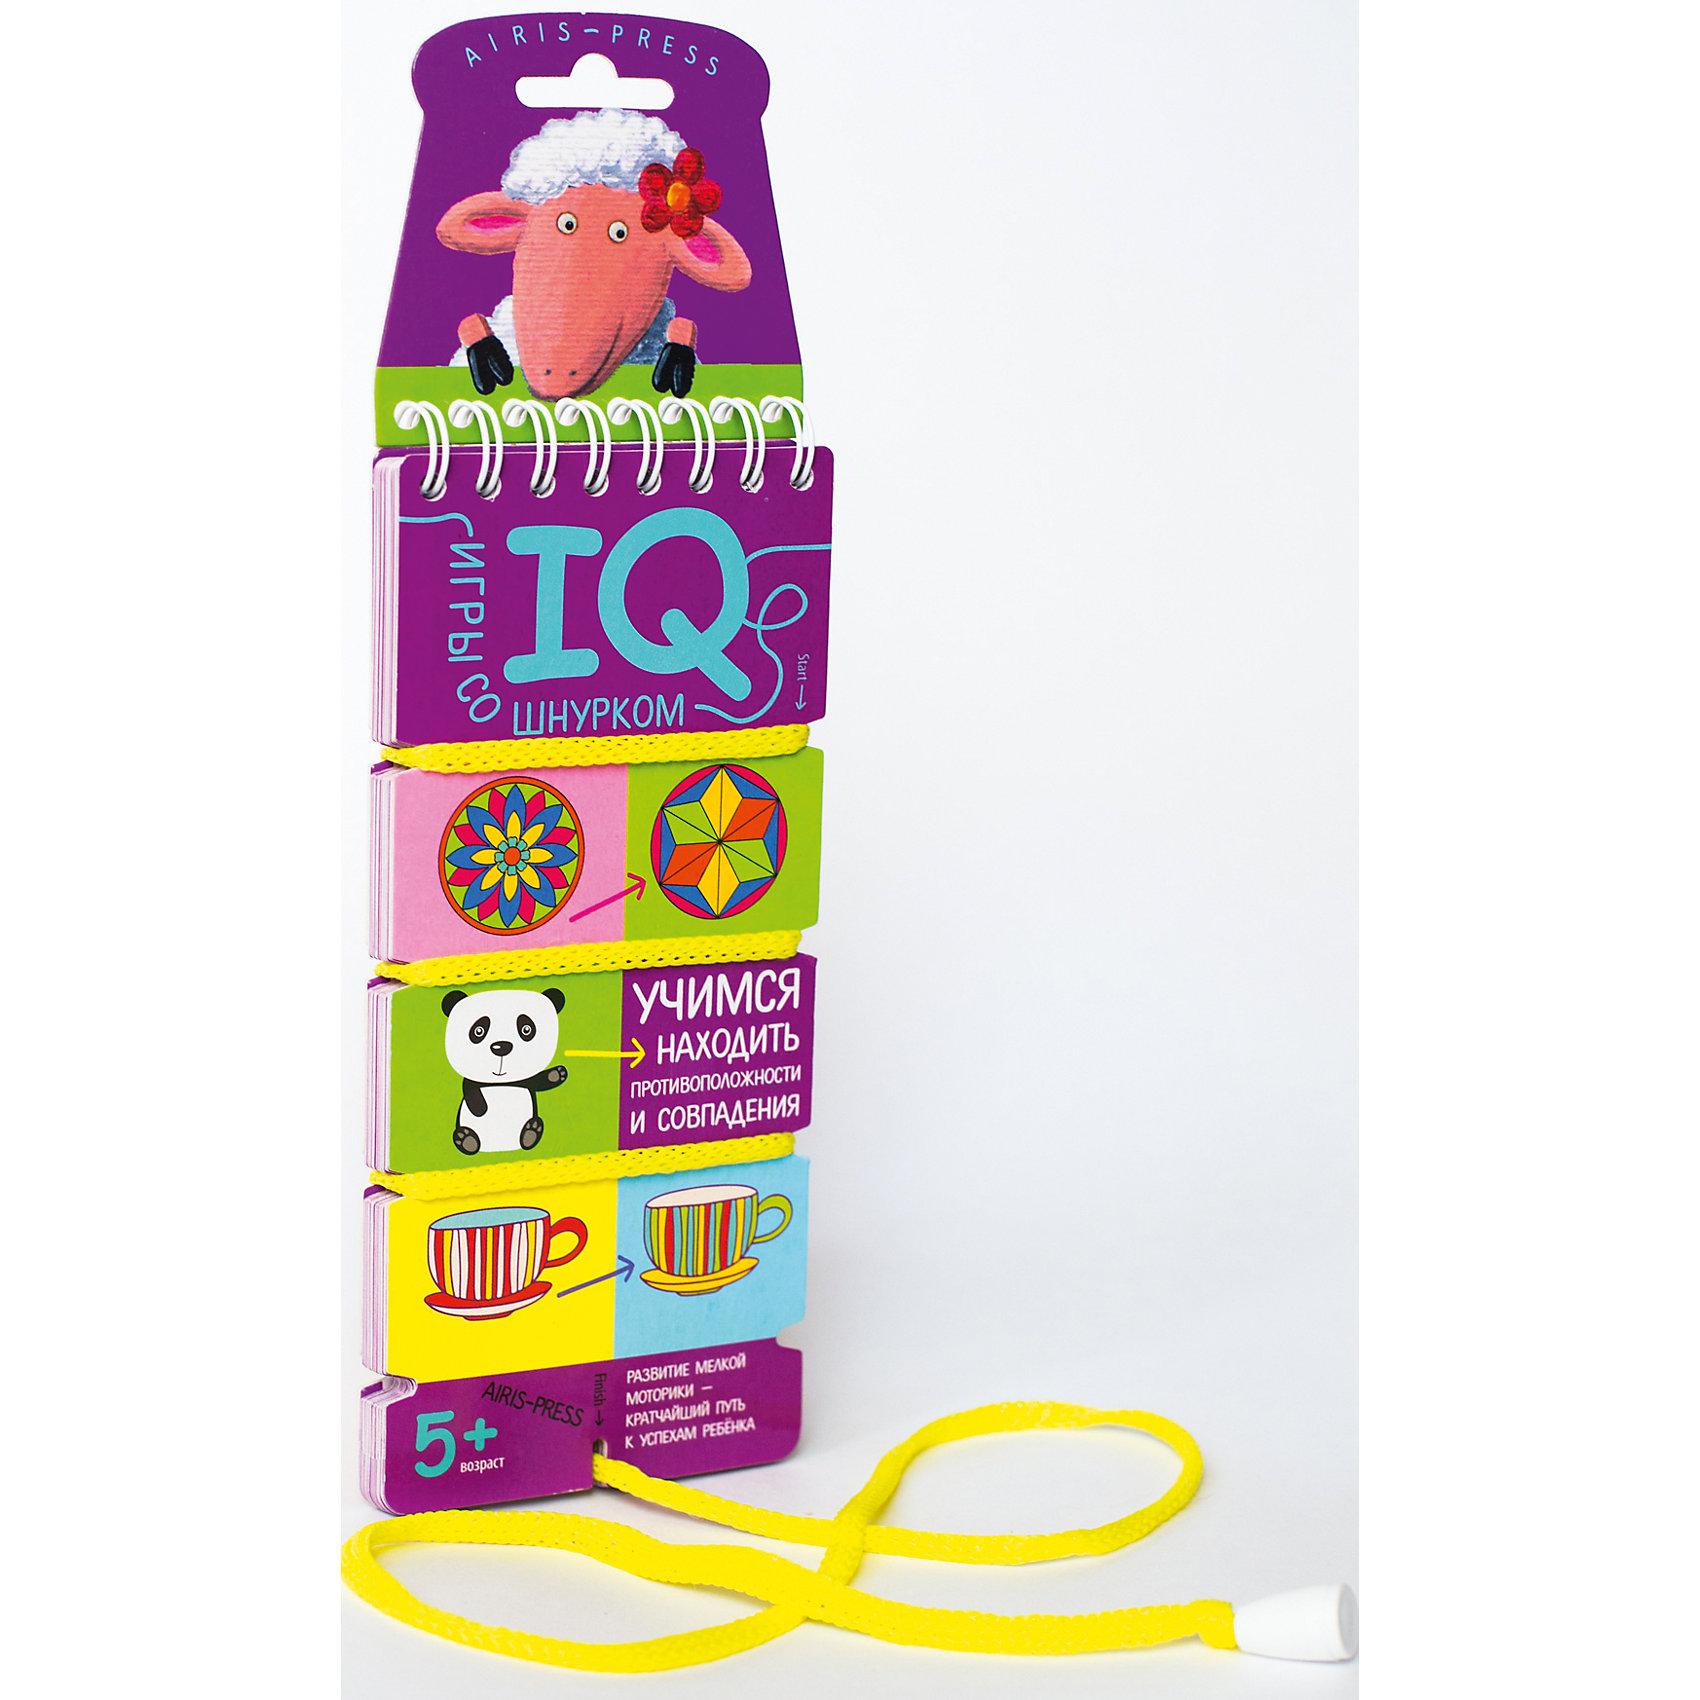 Игры со шнурком Учимся находить противоположности и совпаденияШнуровки<br>Учимся находить противоположности и совпадения - это игровое пособие для развития внимания, мышления и математических навыков. Пособие, ориентированное на самостоятельную деятельность ребёнка, представляет собой небольшой блокнот со шнурком, состоящий из18 картонных карточек. Выполняя задания на карточках-страничках, ребёнок учится анализировать, находить одинаковые и противоположные свойства предметов. Проверить правильность своих ответов ребёнок сможет самостоятельно по линиям на оборотной стороне карточек, тем самым развивая мелкую моторику и координацию движений. Простота и удобство пособия позволяют использовать его в детском саду, дома и на отдыхе.&#13;<br>Предназначен для детей старше 5 лет.<br><br>Ширина мм: 36<br>Глубина мм: 70<br>Высота мм: 160<br>Вес г: 62<br>Возраст от месяцев: 60<br>Возраст до месяцев: 84<br>Пол: Унисекс<br>Возраст: Детский<br>SKU: 6849570